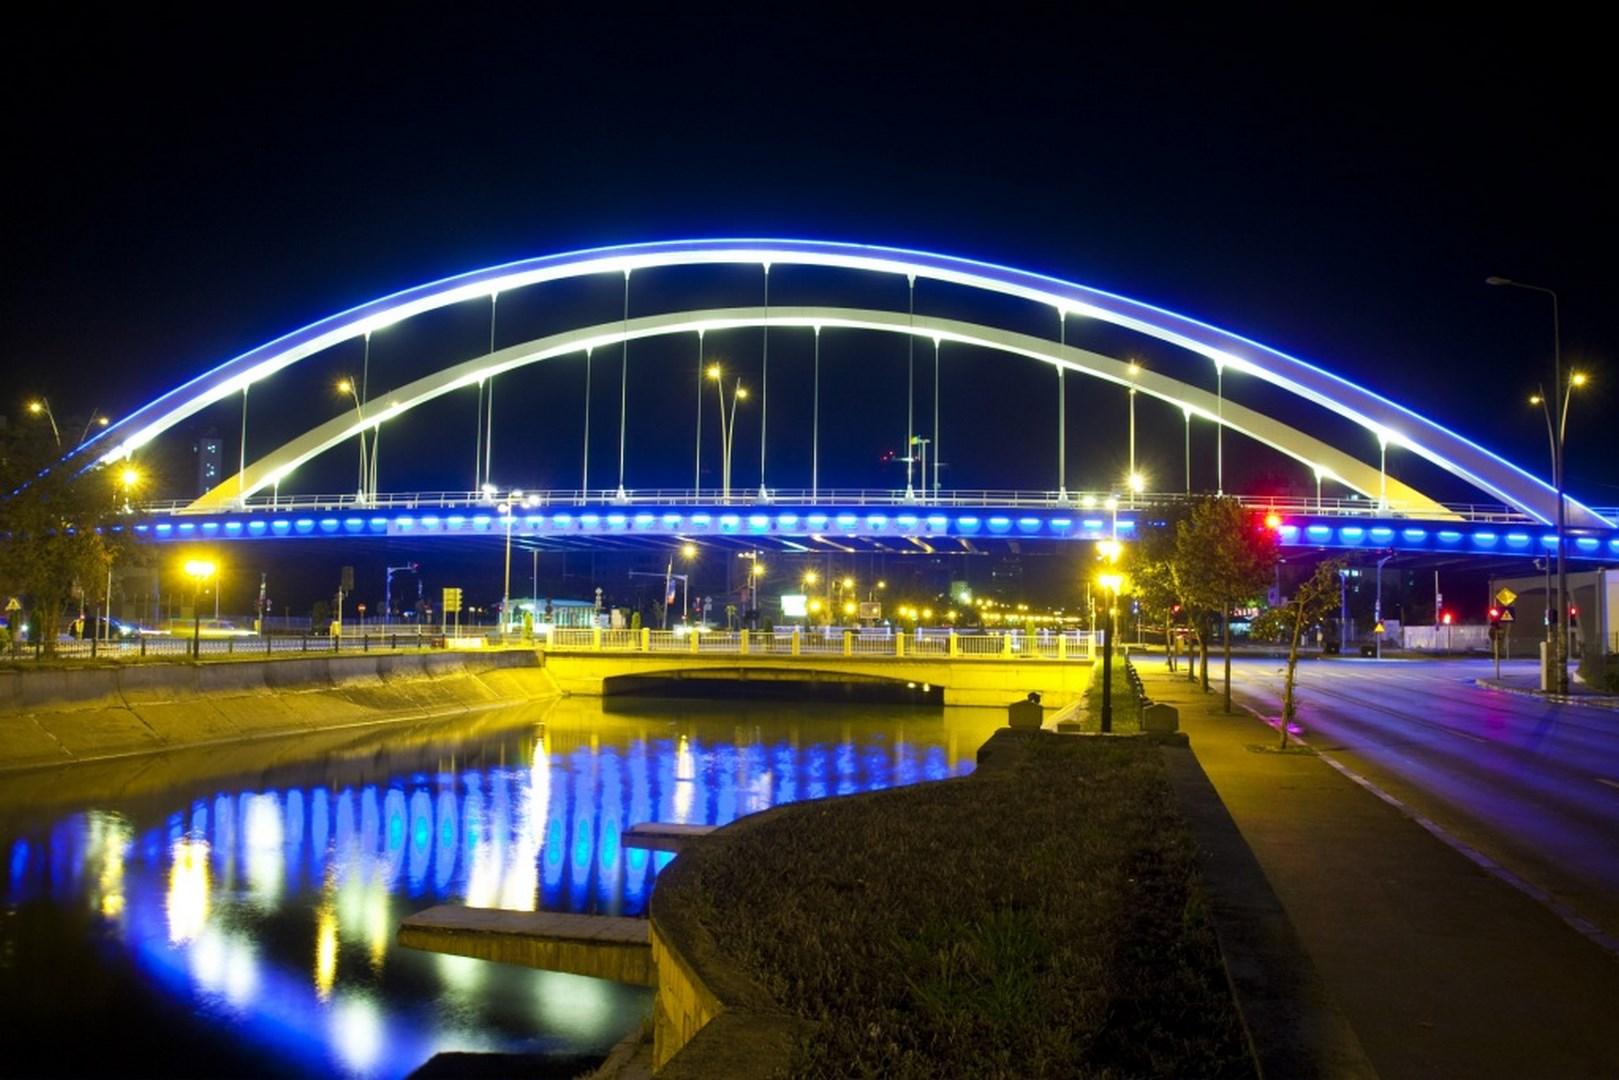 Puente de Basarab. Arco sobre el rio Dambovita